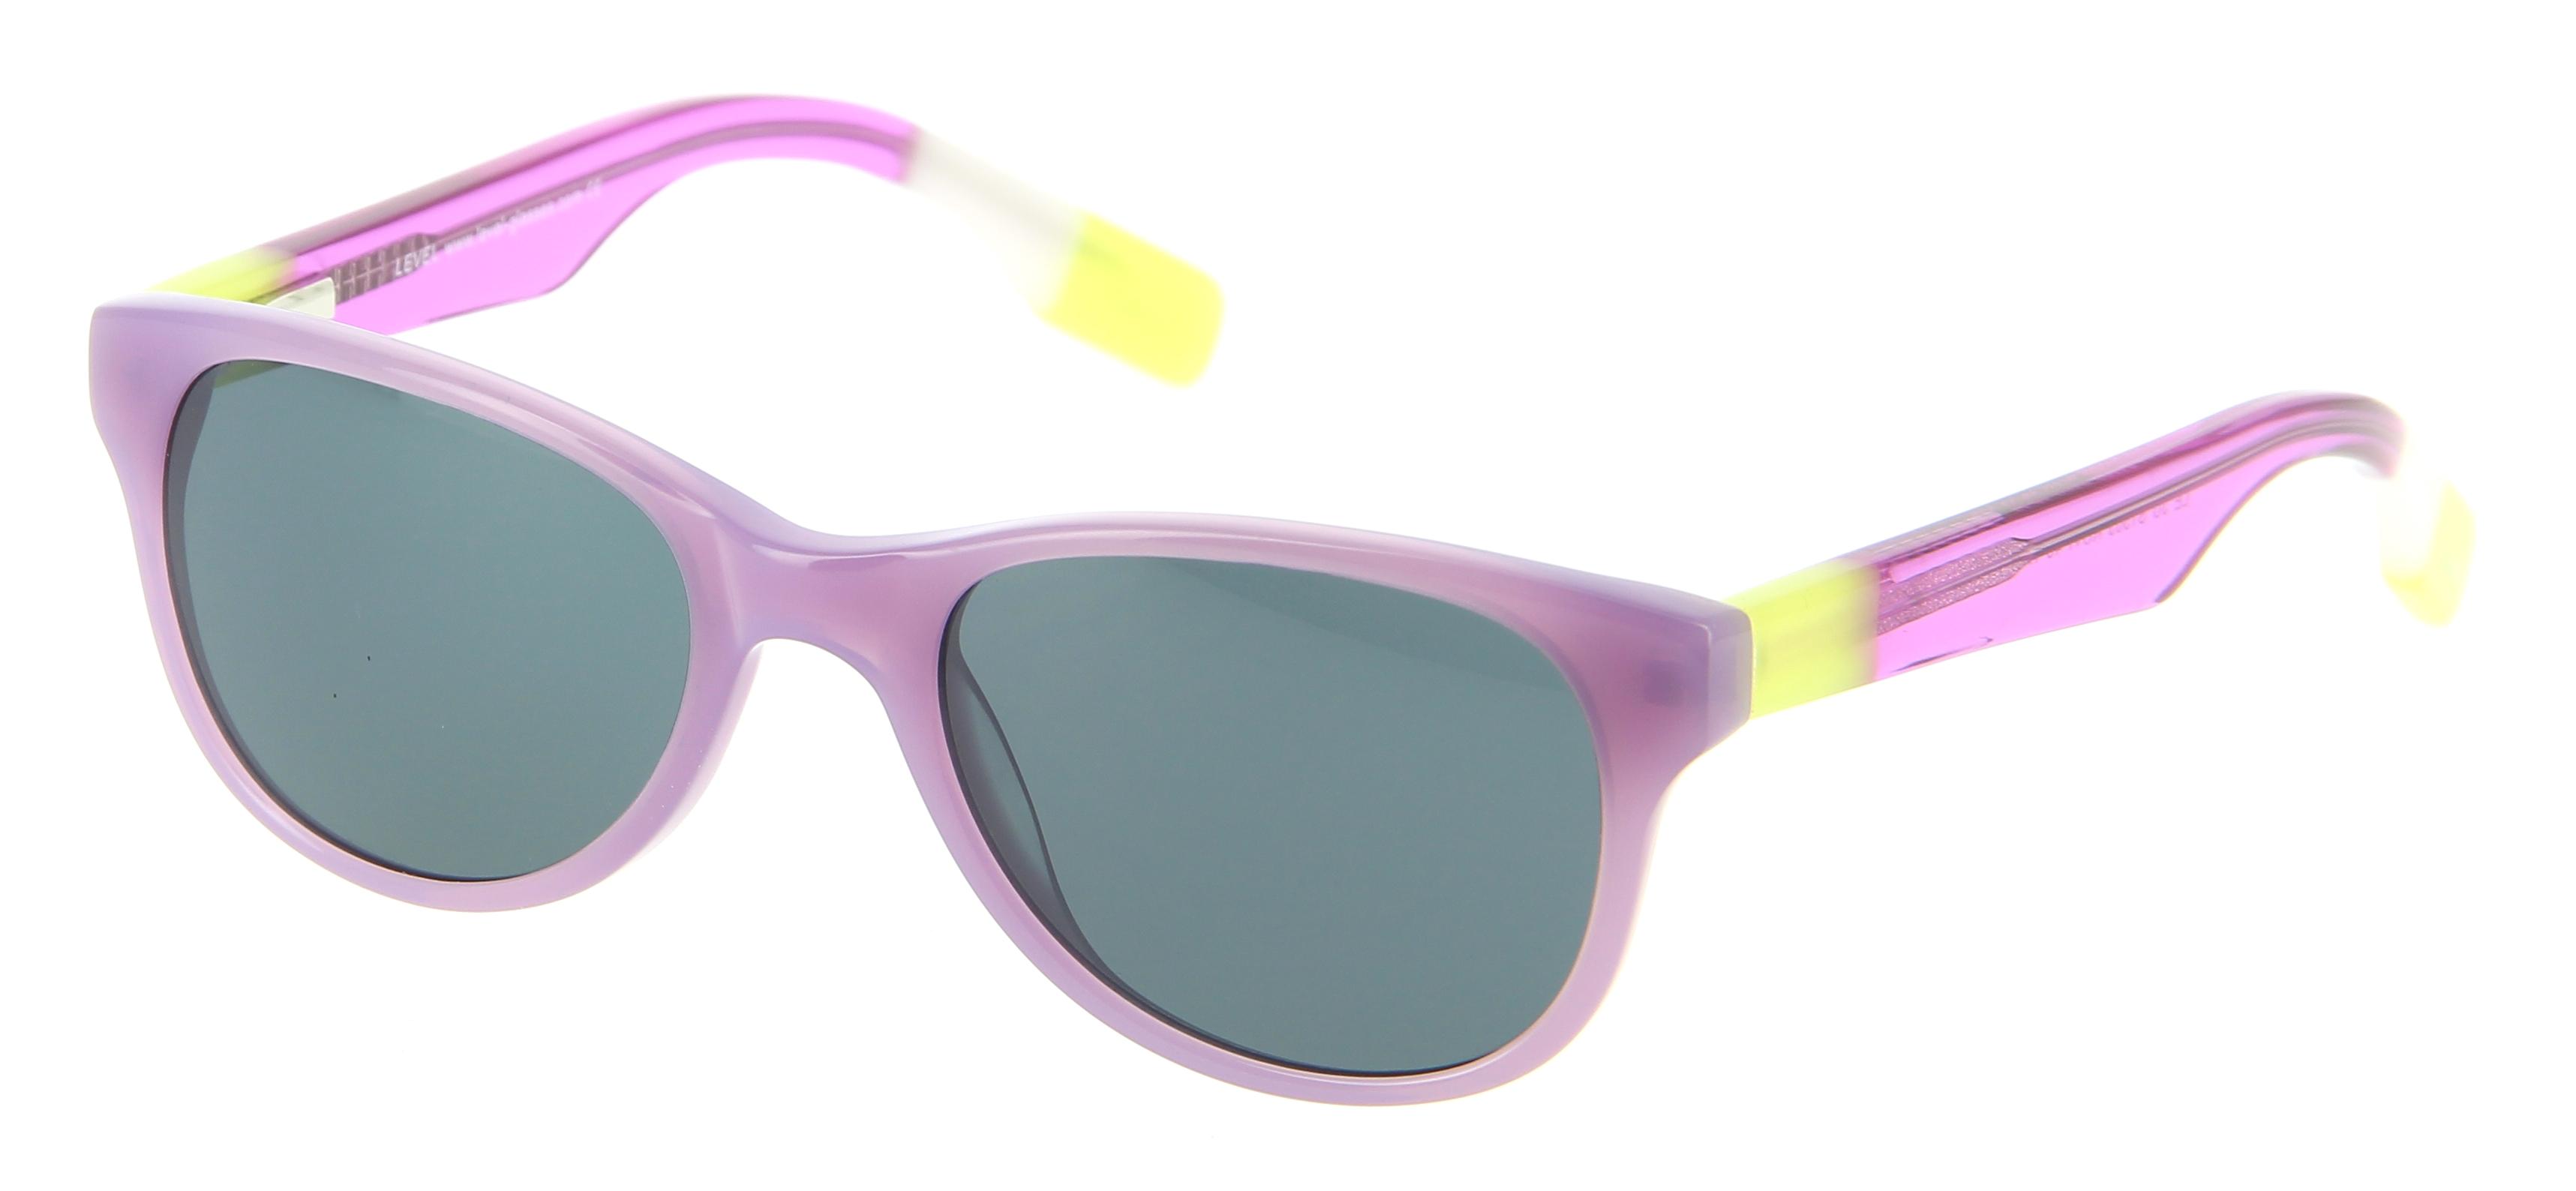 9c16b9842da464 Liste de produits lunettes de soleil et prix lunettes de soleil ...